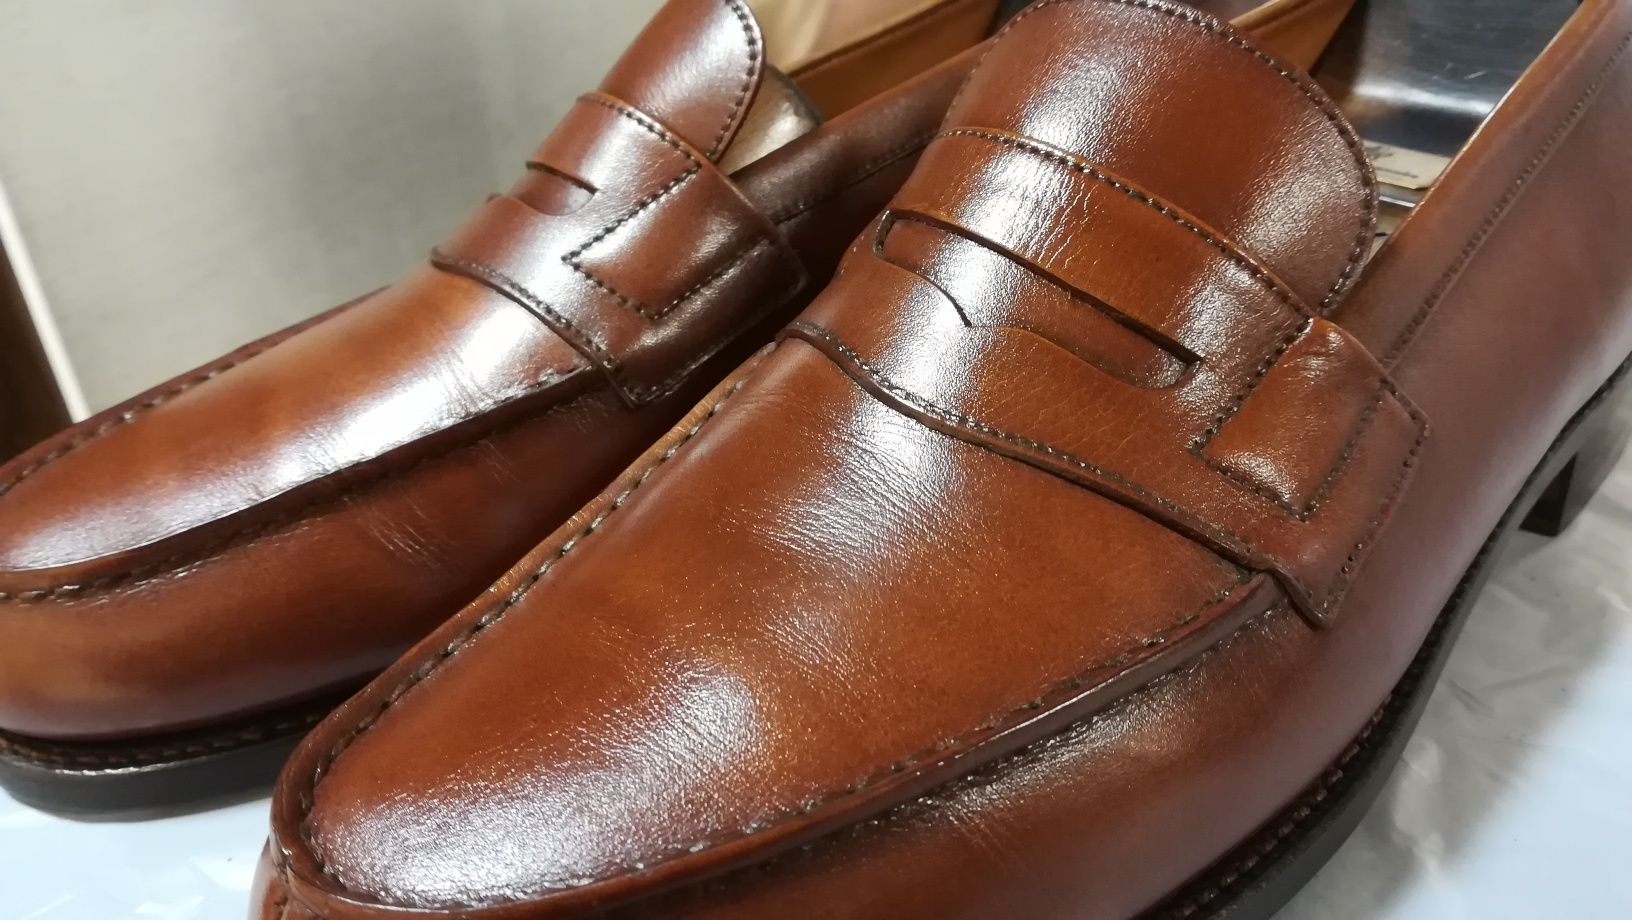 重なった靴クリームをリフレッシュ②_d0166598_16064943.jpg